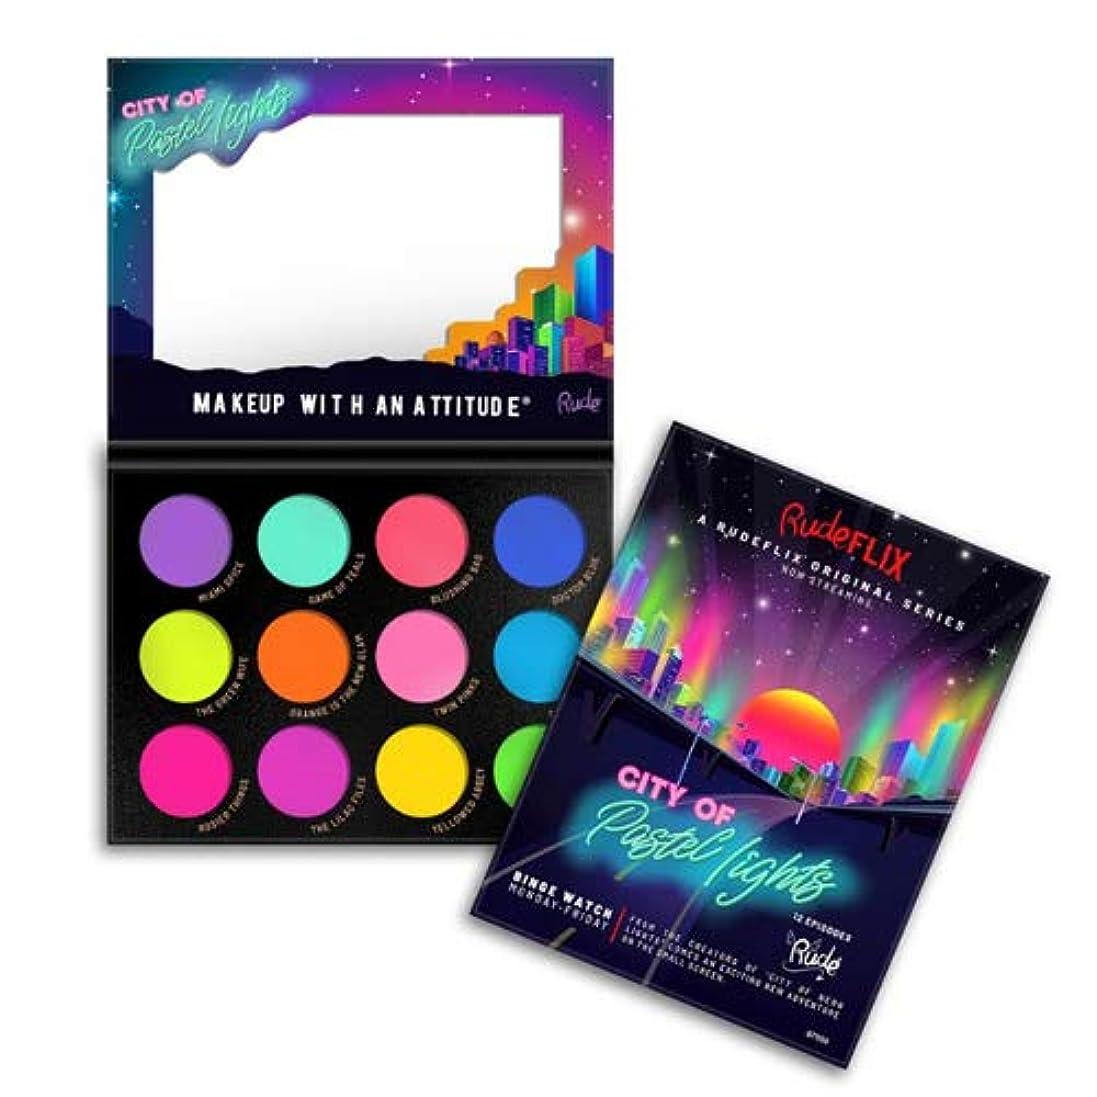 地上で困惑した突進RUDE City of Pastel Lights - 12 Pastel Pigment & Eyeshadow Palette (並行輸入品)